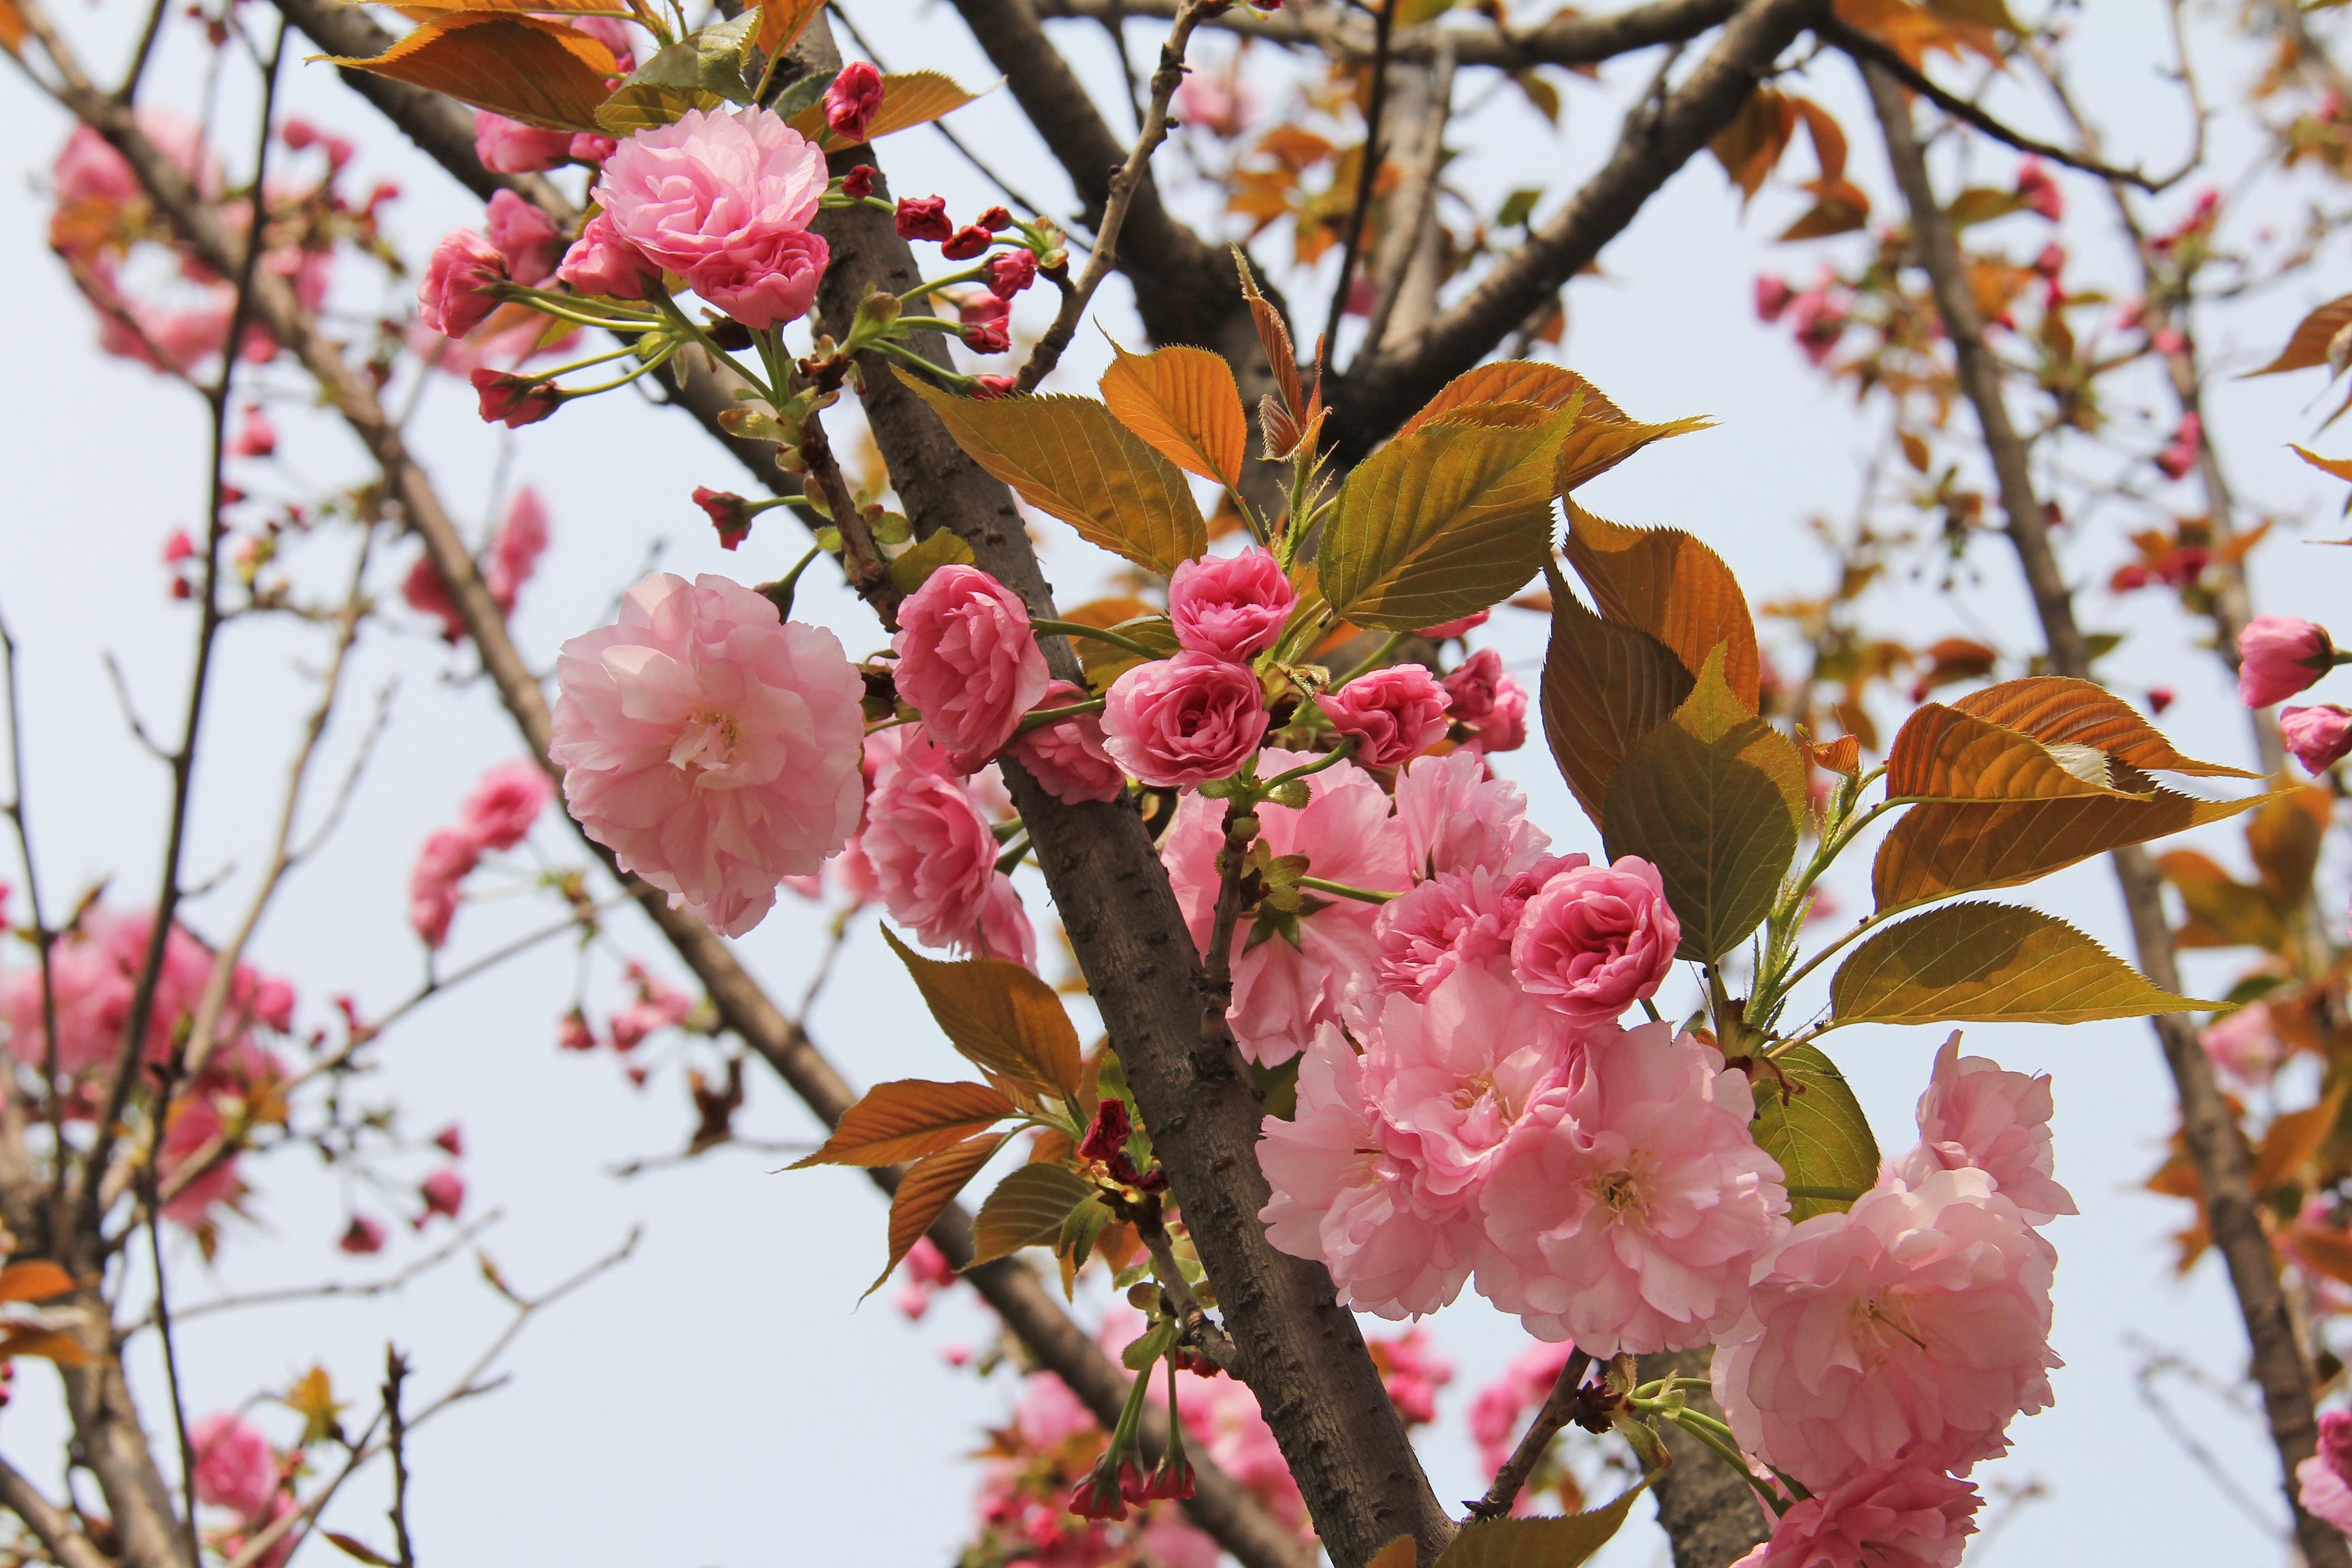 images gratuites branche feuille floraison ville aliments printemps produire asie. Black Bedroom Furniture Sets. Home Design Ideas